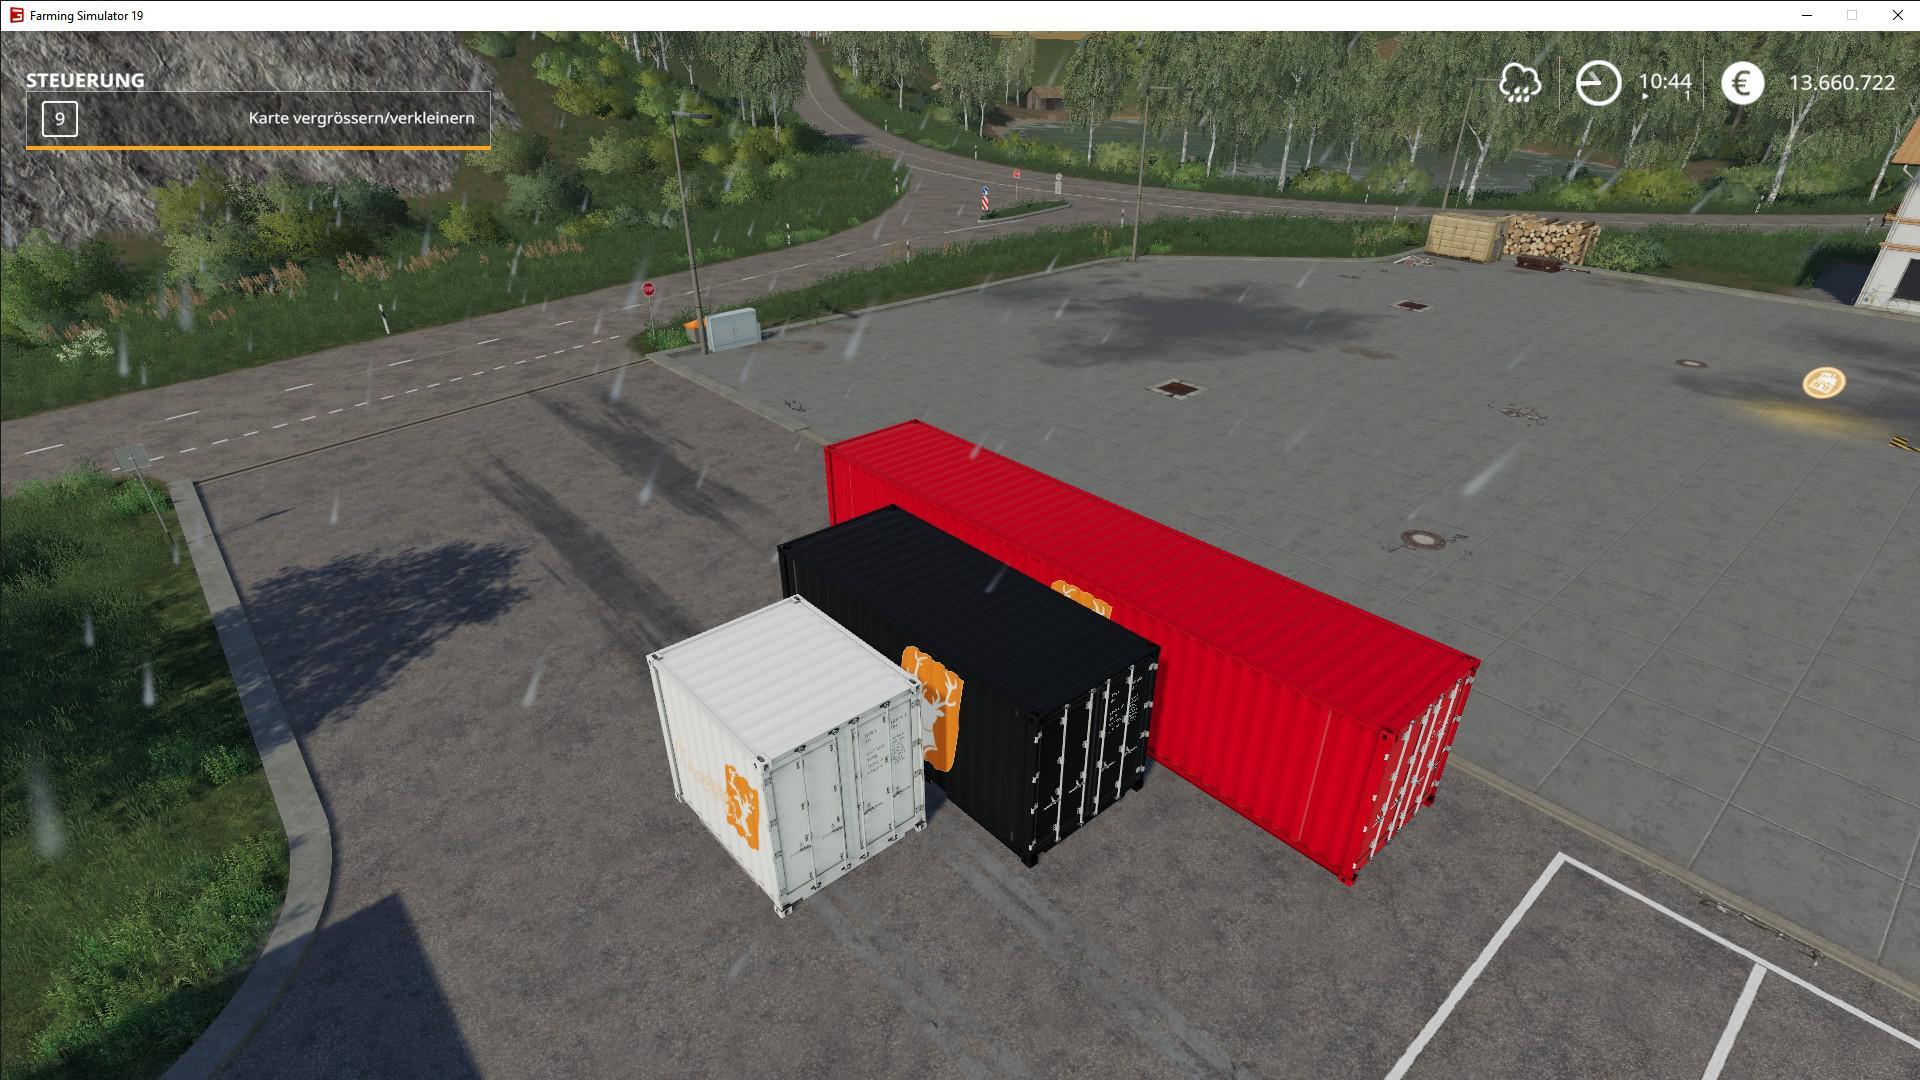 ATC Container Pack v1 1 0 0 FS19 - Farming Simulator 19 Mod | FS19 mod